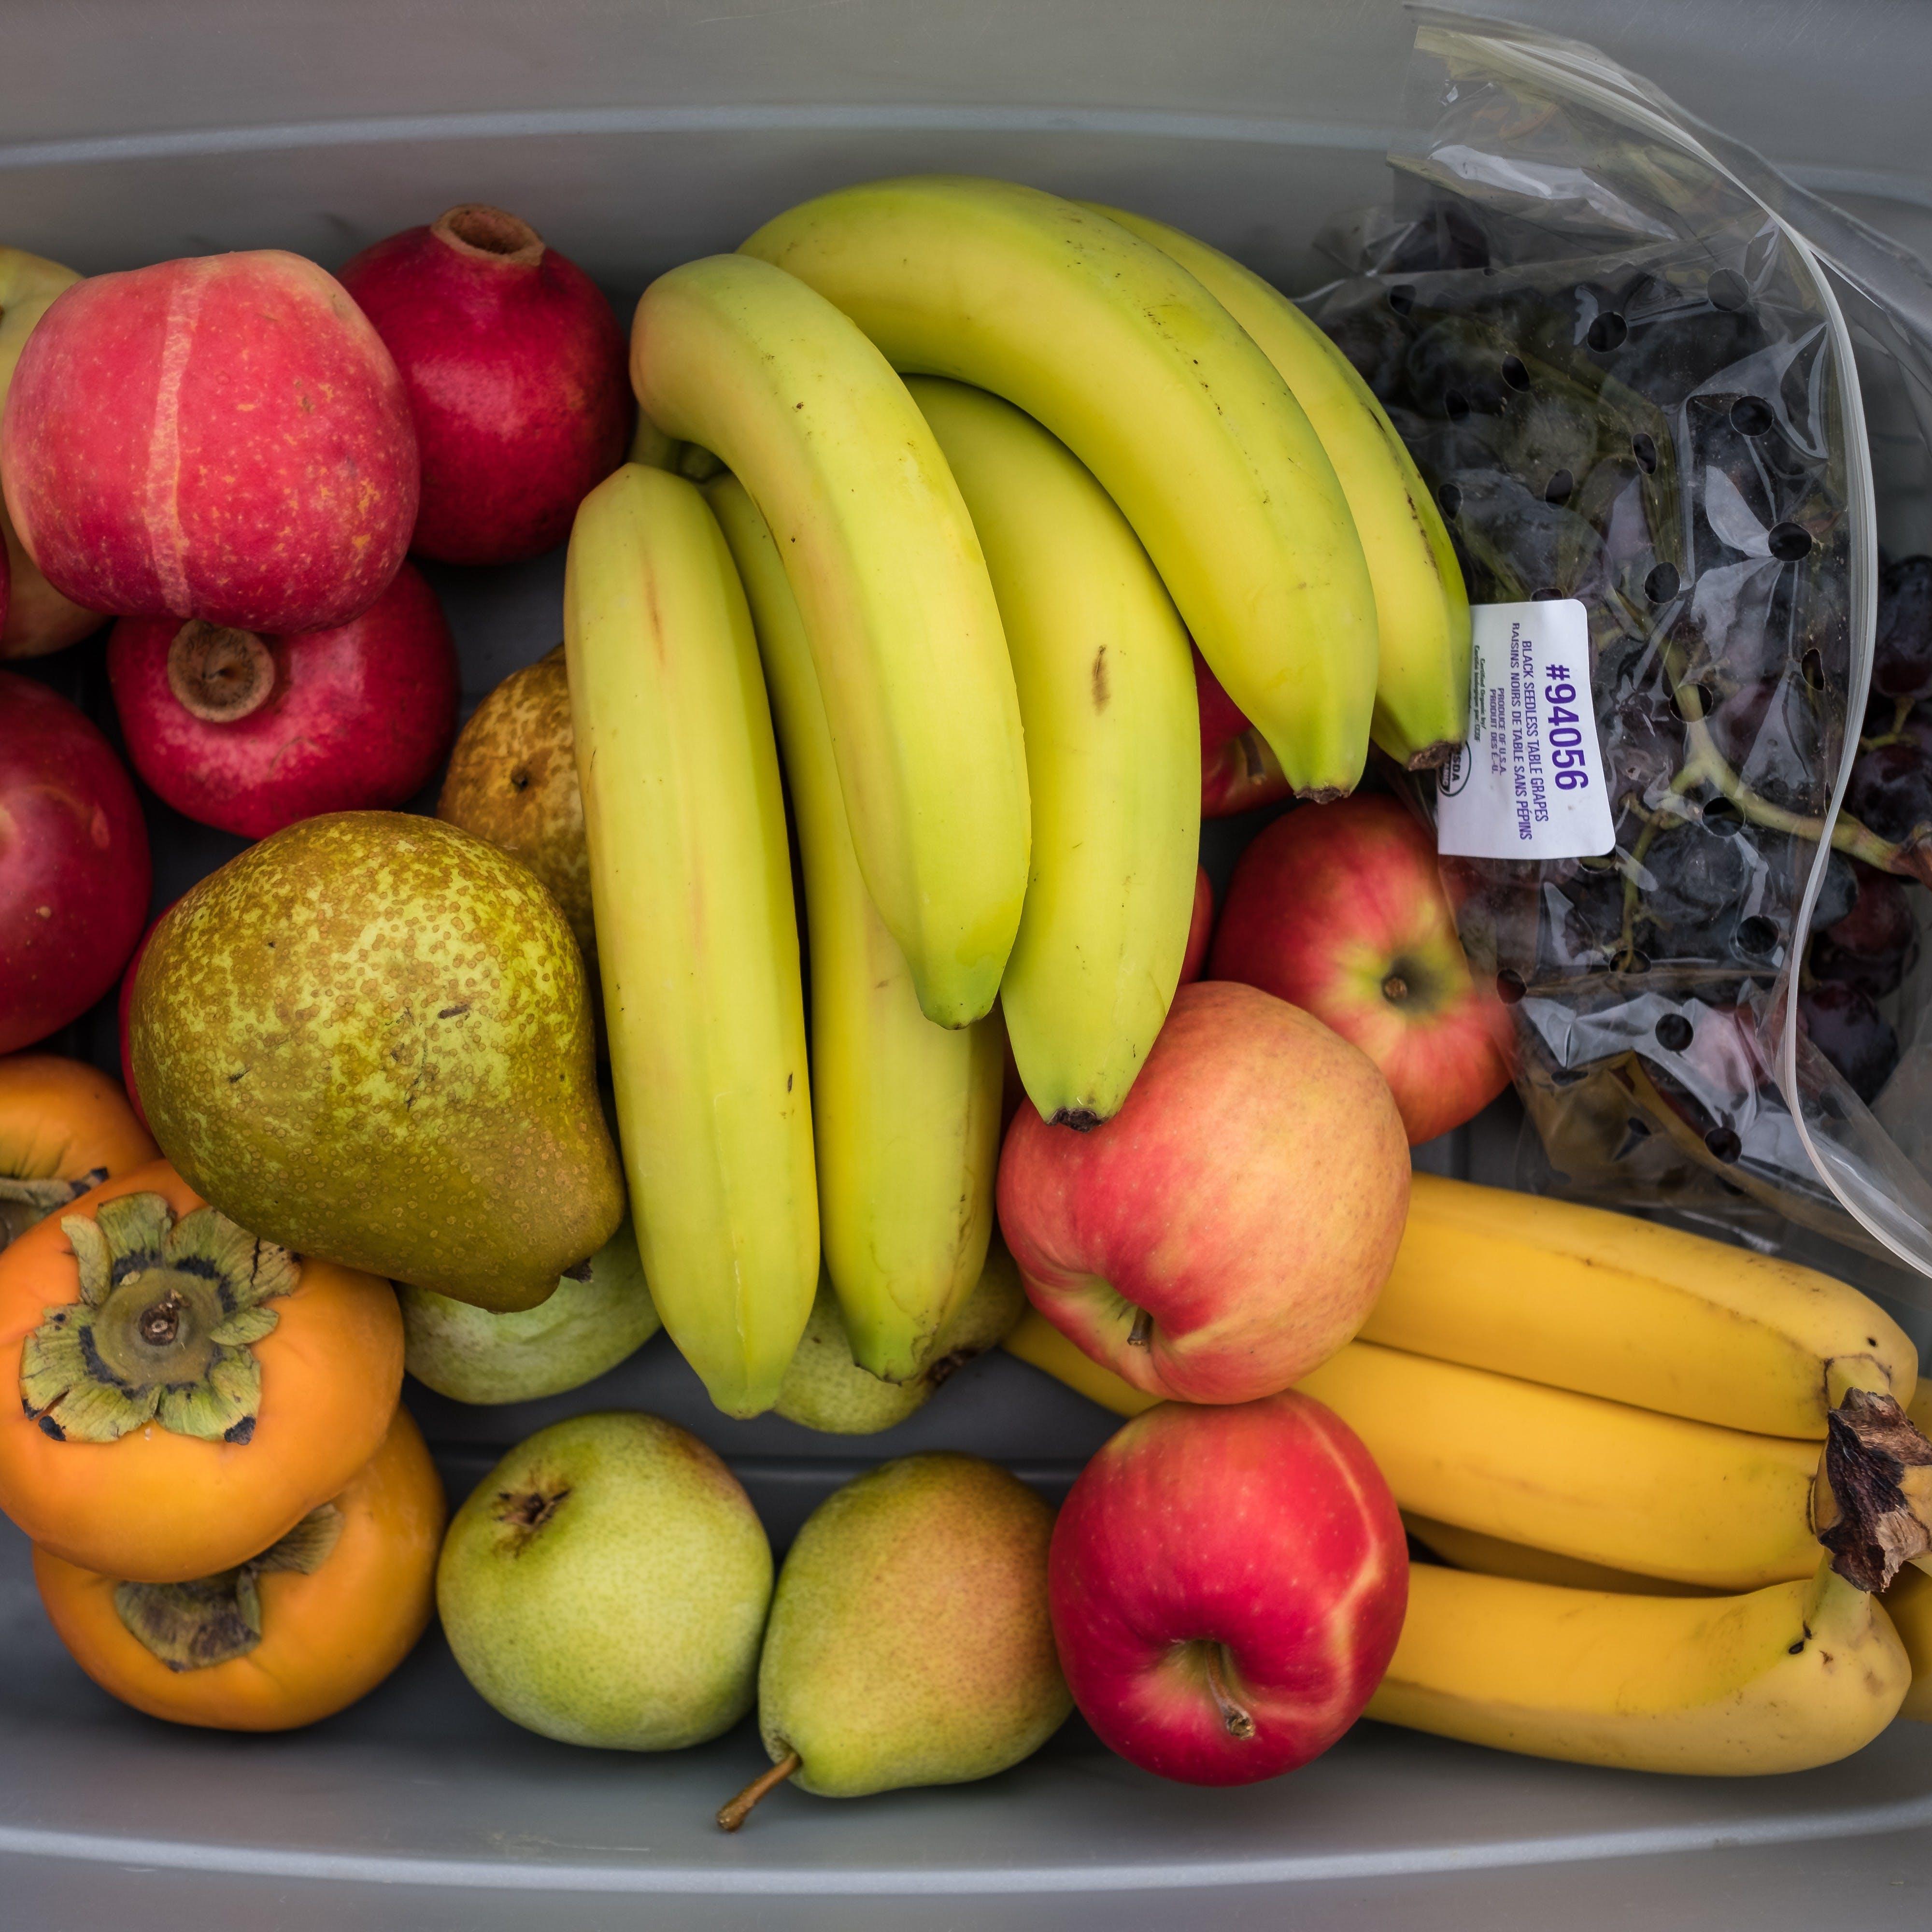 Personal Fruit Bin